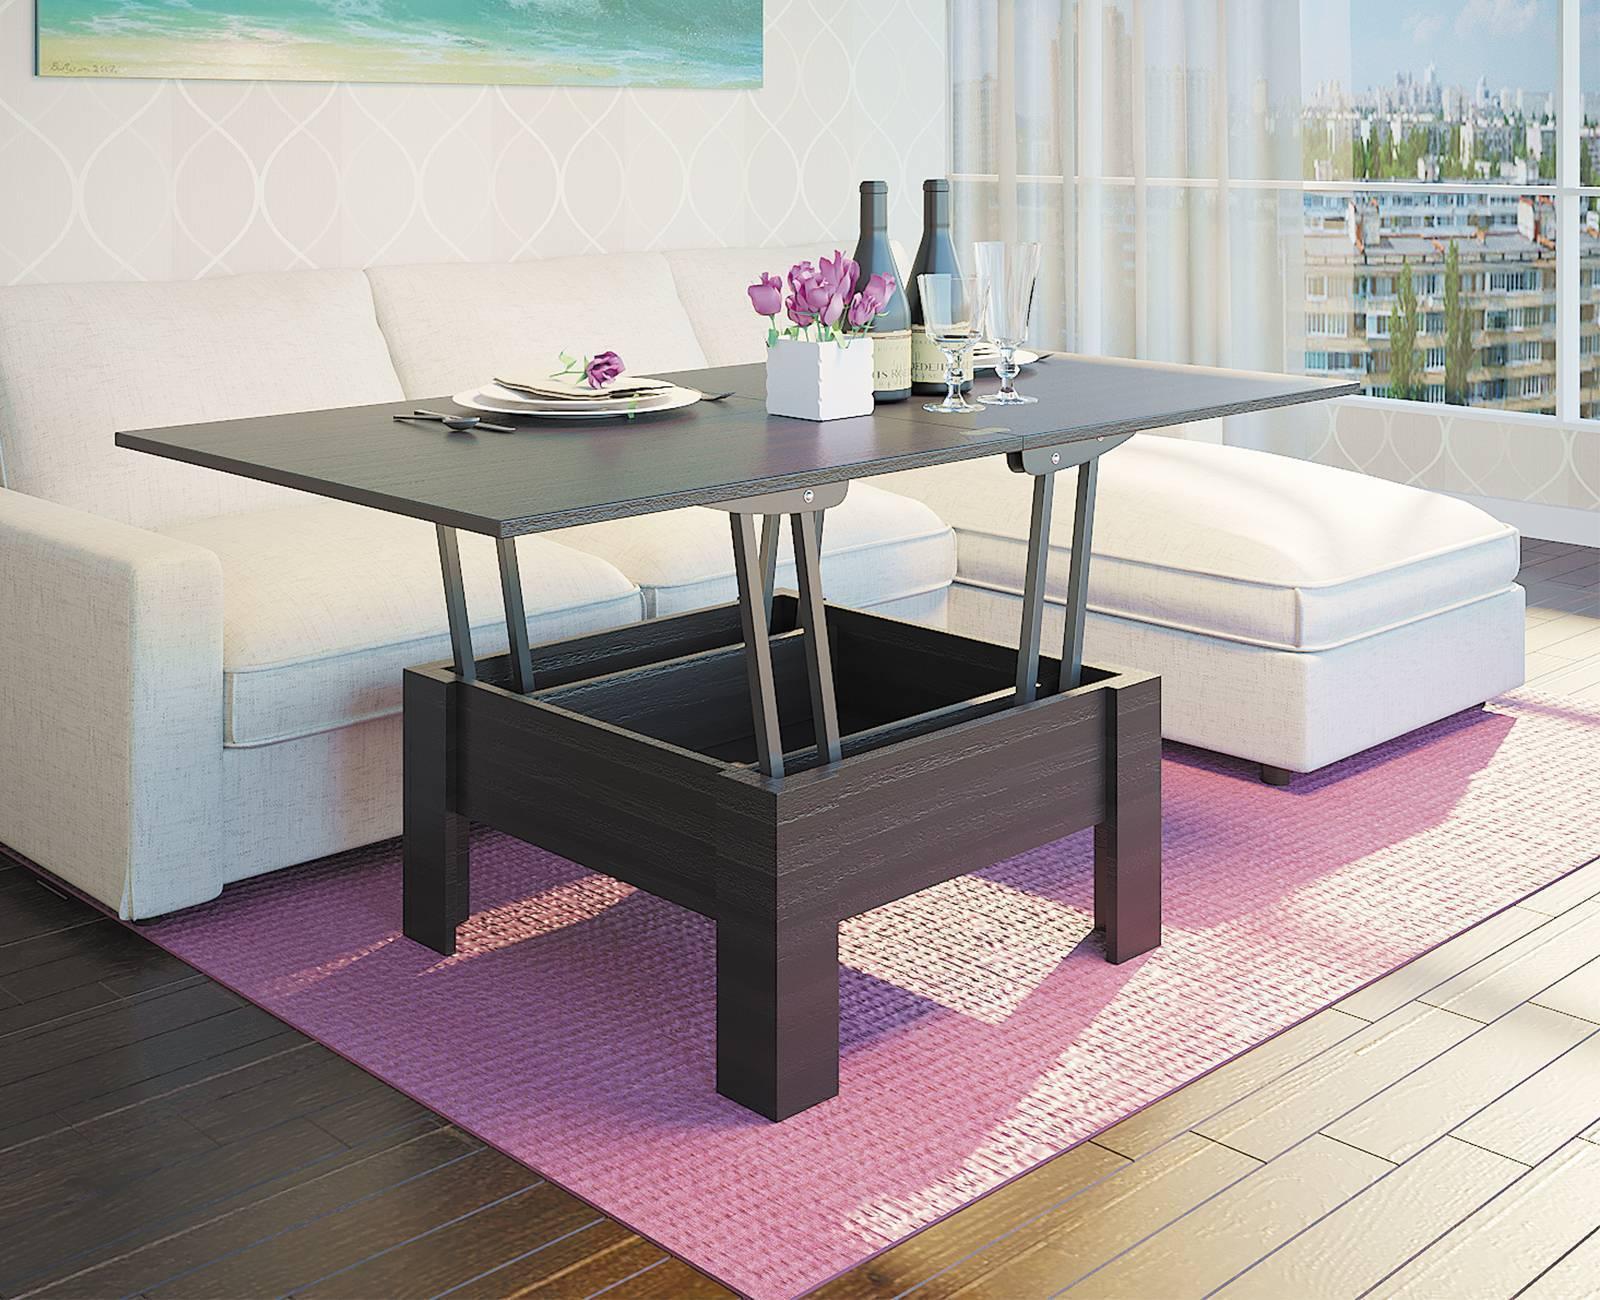 Мебель трансформер — современные варианты дизайна для малогабаритной квартиры (111 фото-идей)